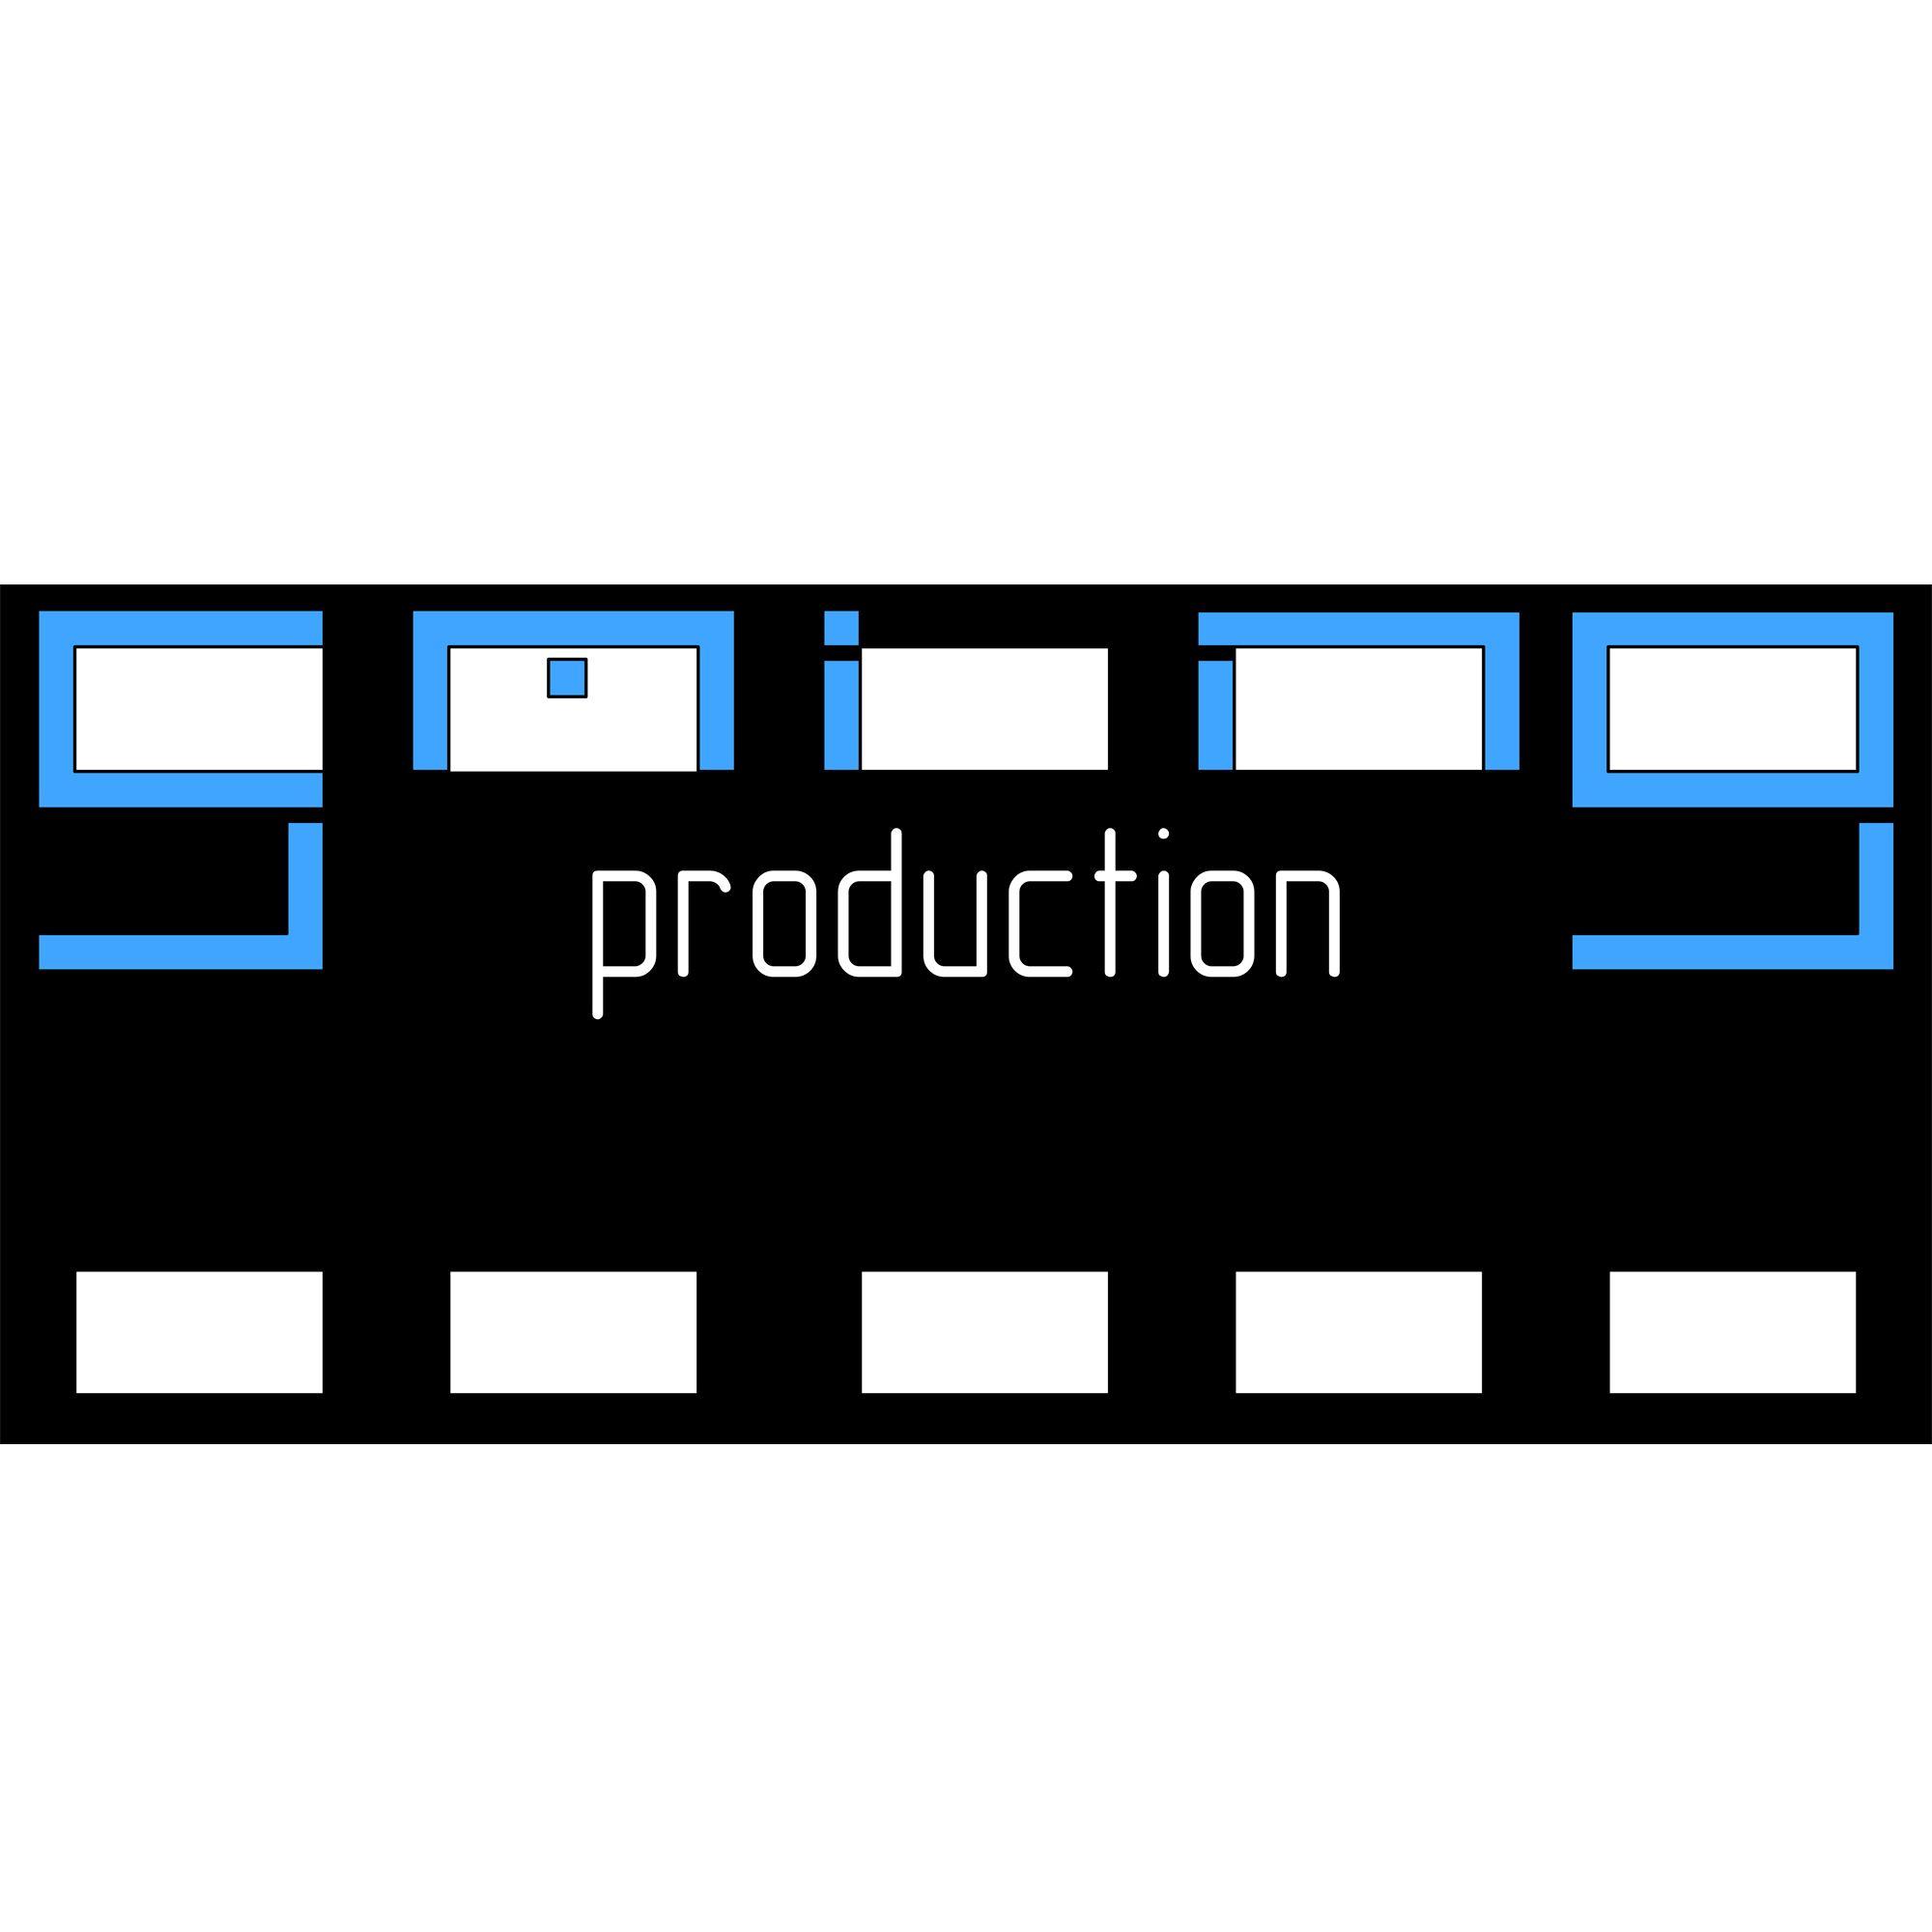 Логотип для видеопродакшн студии - дизайнер Alex_Pro